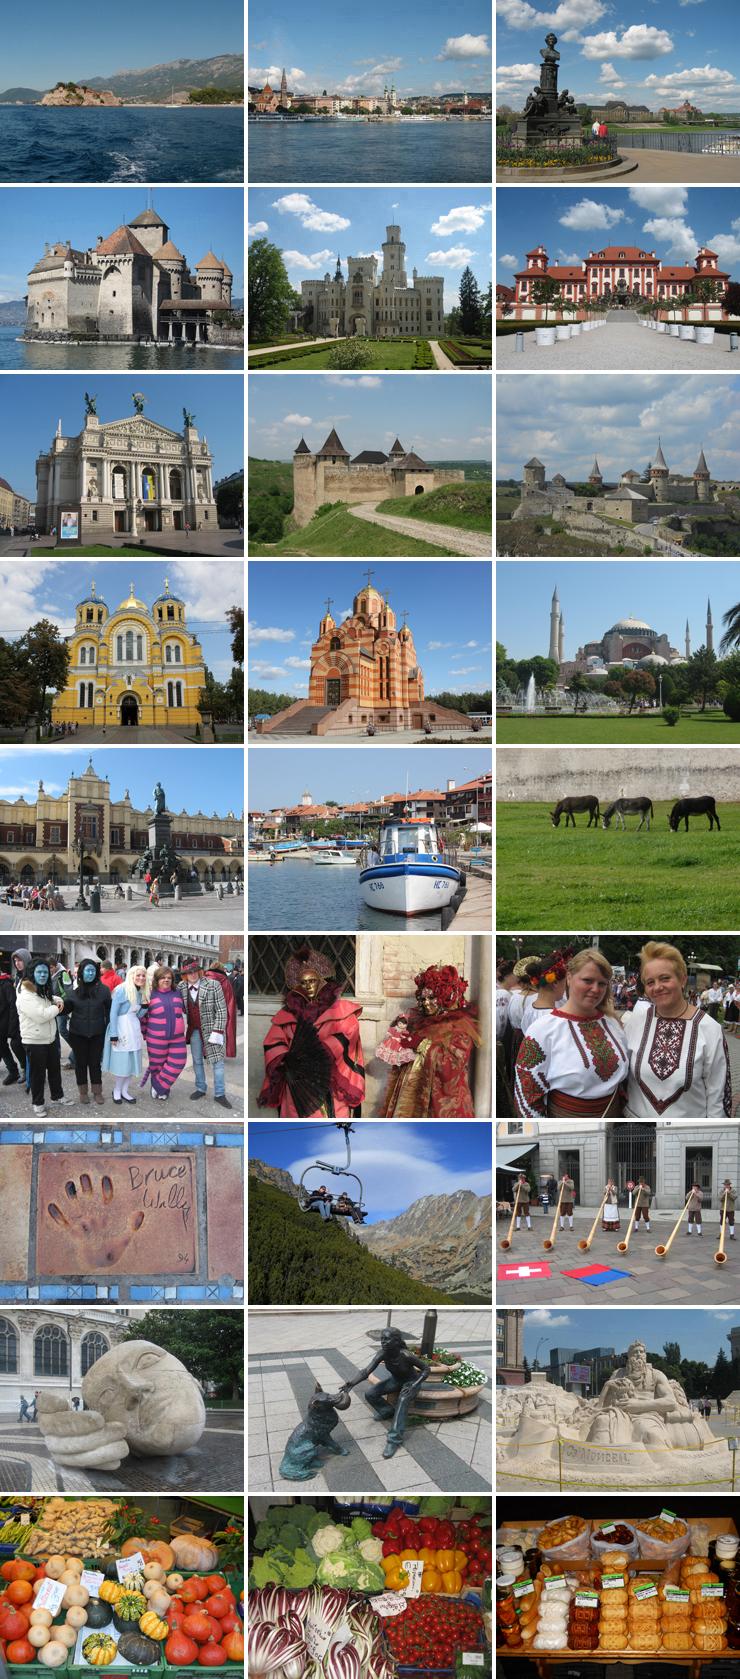 безвизовый режим с Европой, автобусные туры по Европе, авиатуры в Европу, экскурсионные туры по Европе, купить, как поехать в тур по Европе